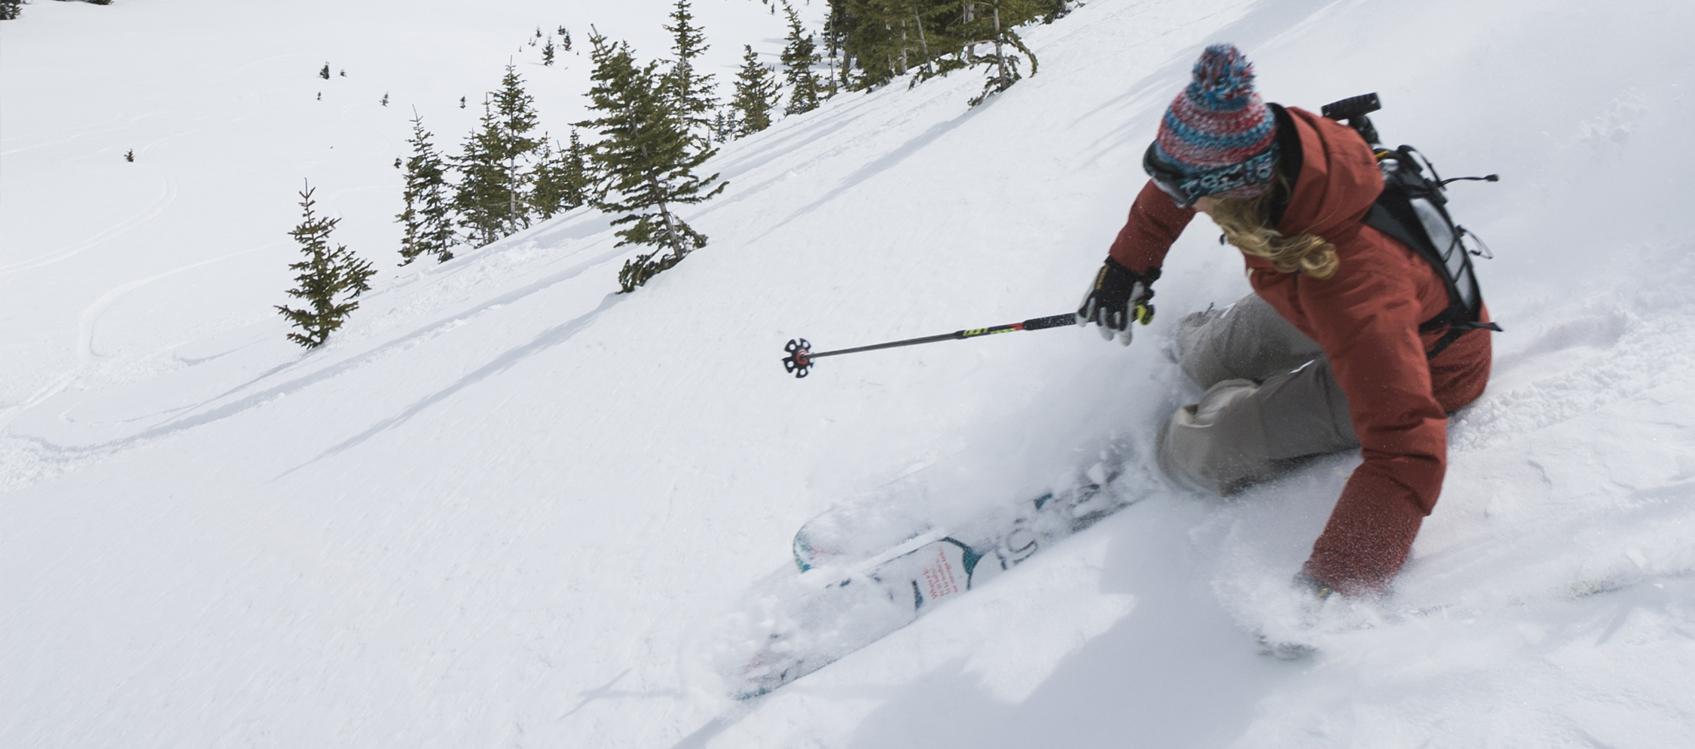 Powder Skiing Colorado San Juan Untracked Snowcat Skiing Durango CO